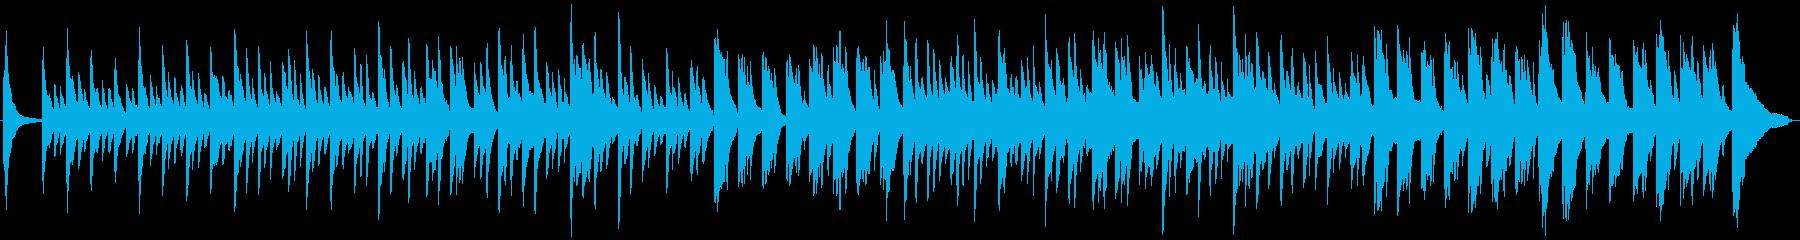 しっとりピアノのインテリアミュージックの再生済みの波形